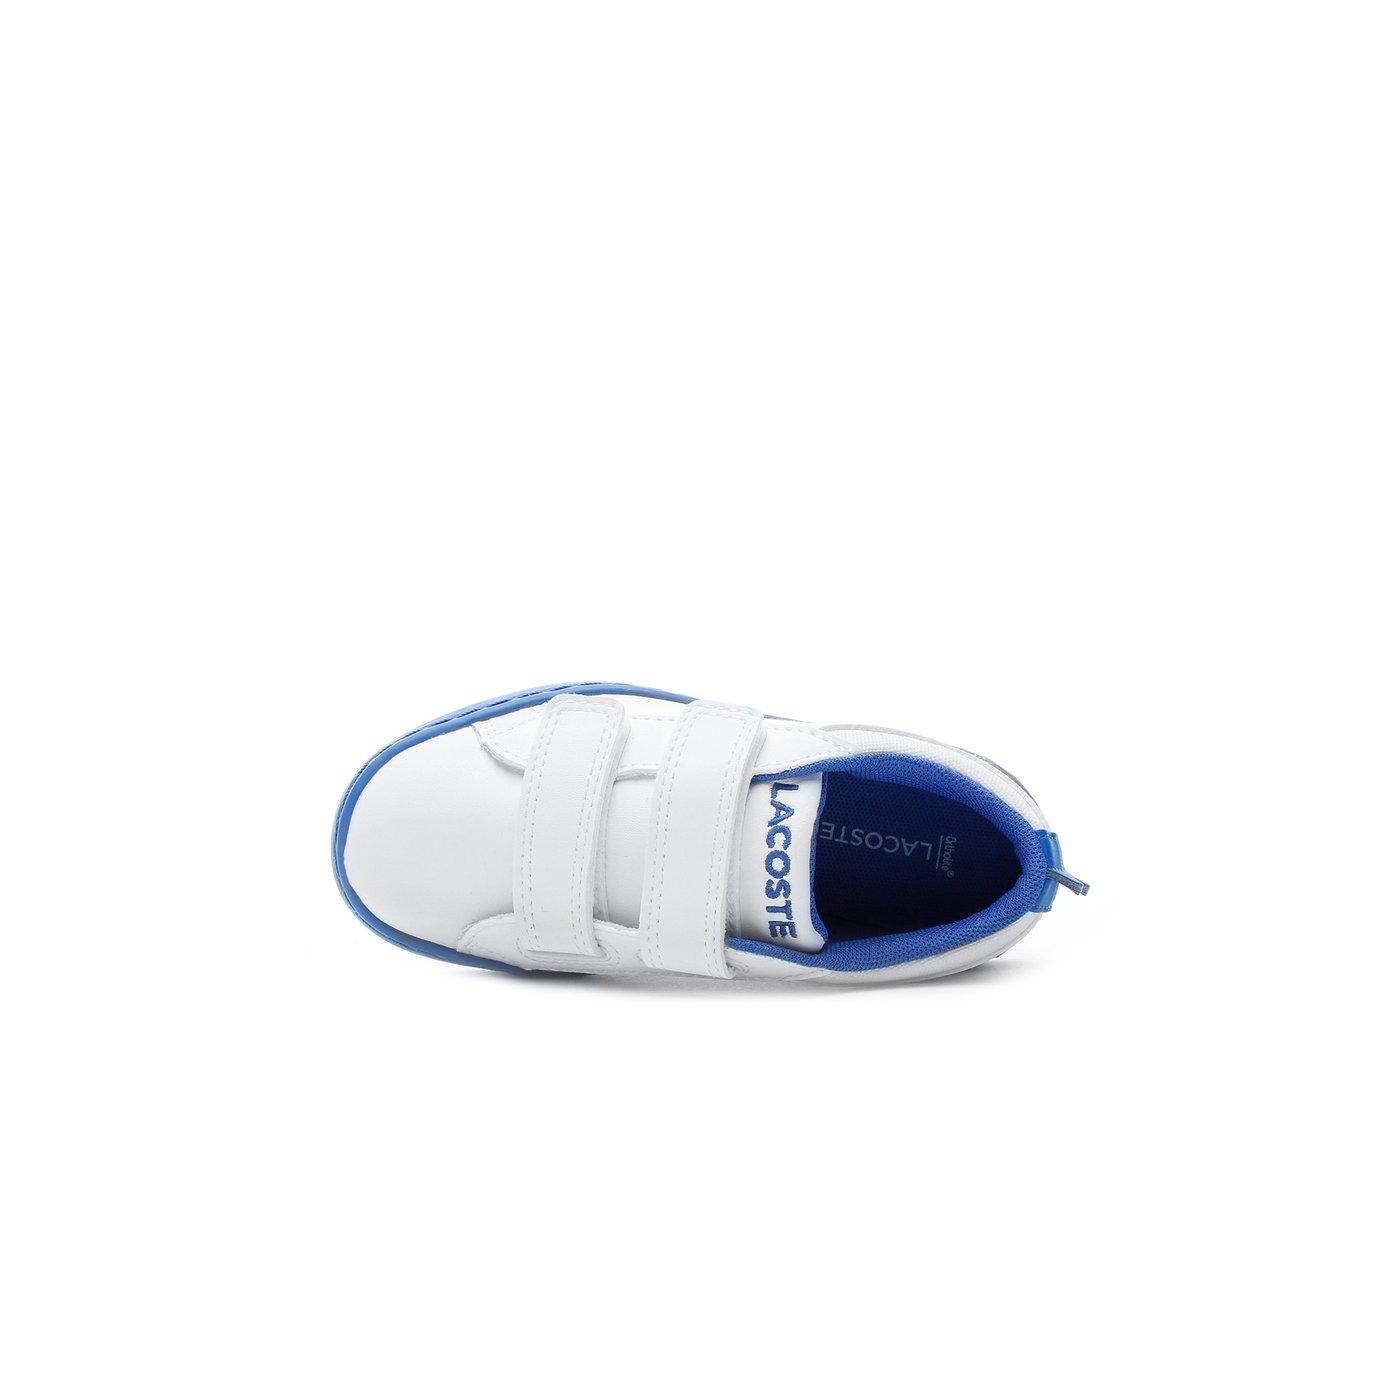 Lacoste Çocuk Beyaz - Mavi Spor Ayakkabı